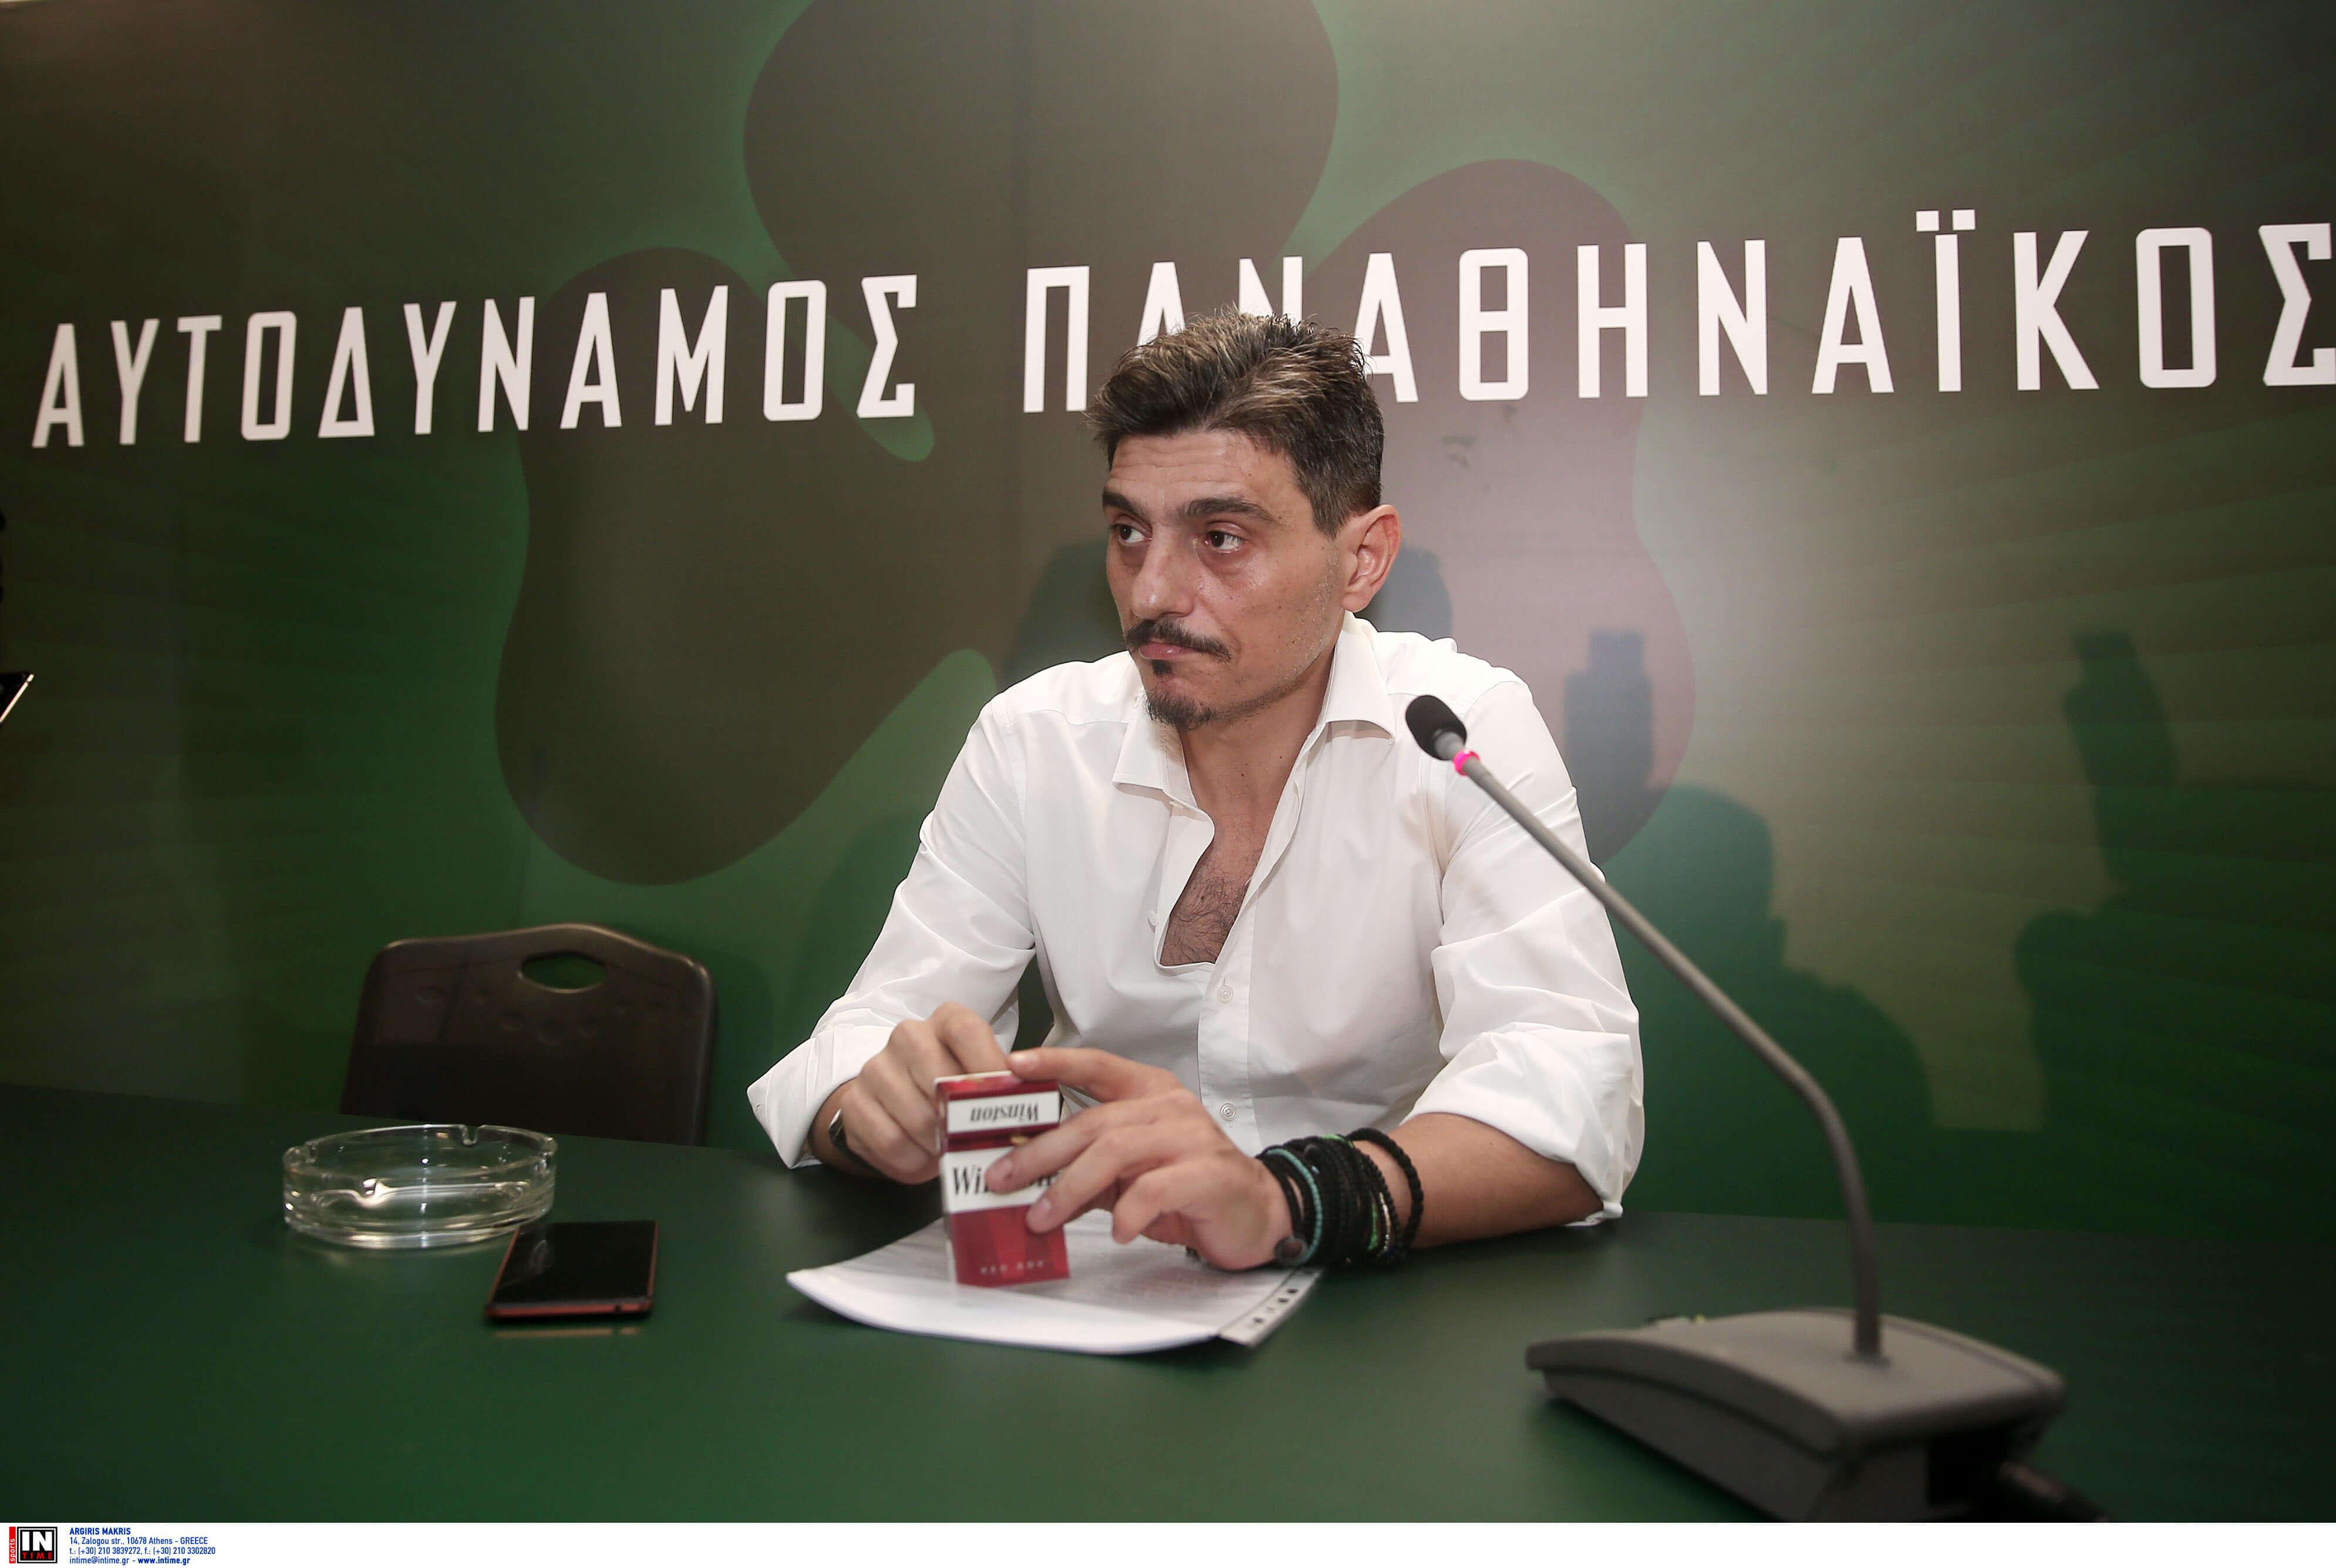 Παναθηναϊκός: Την Τετάρτη 3 Ιουνίου η κρίσιμη συνέντευξη Τύπου του Γιαννακόπουλου – Που θα προβληθεί LIVE